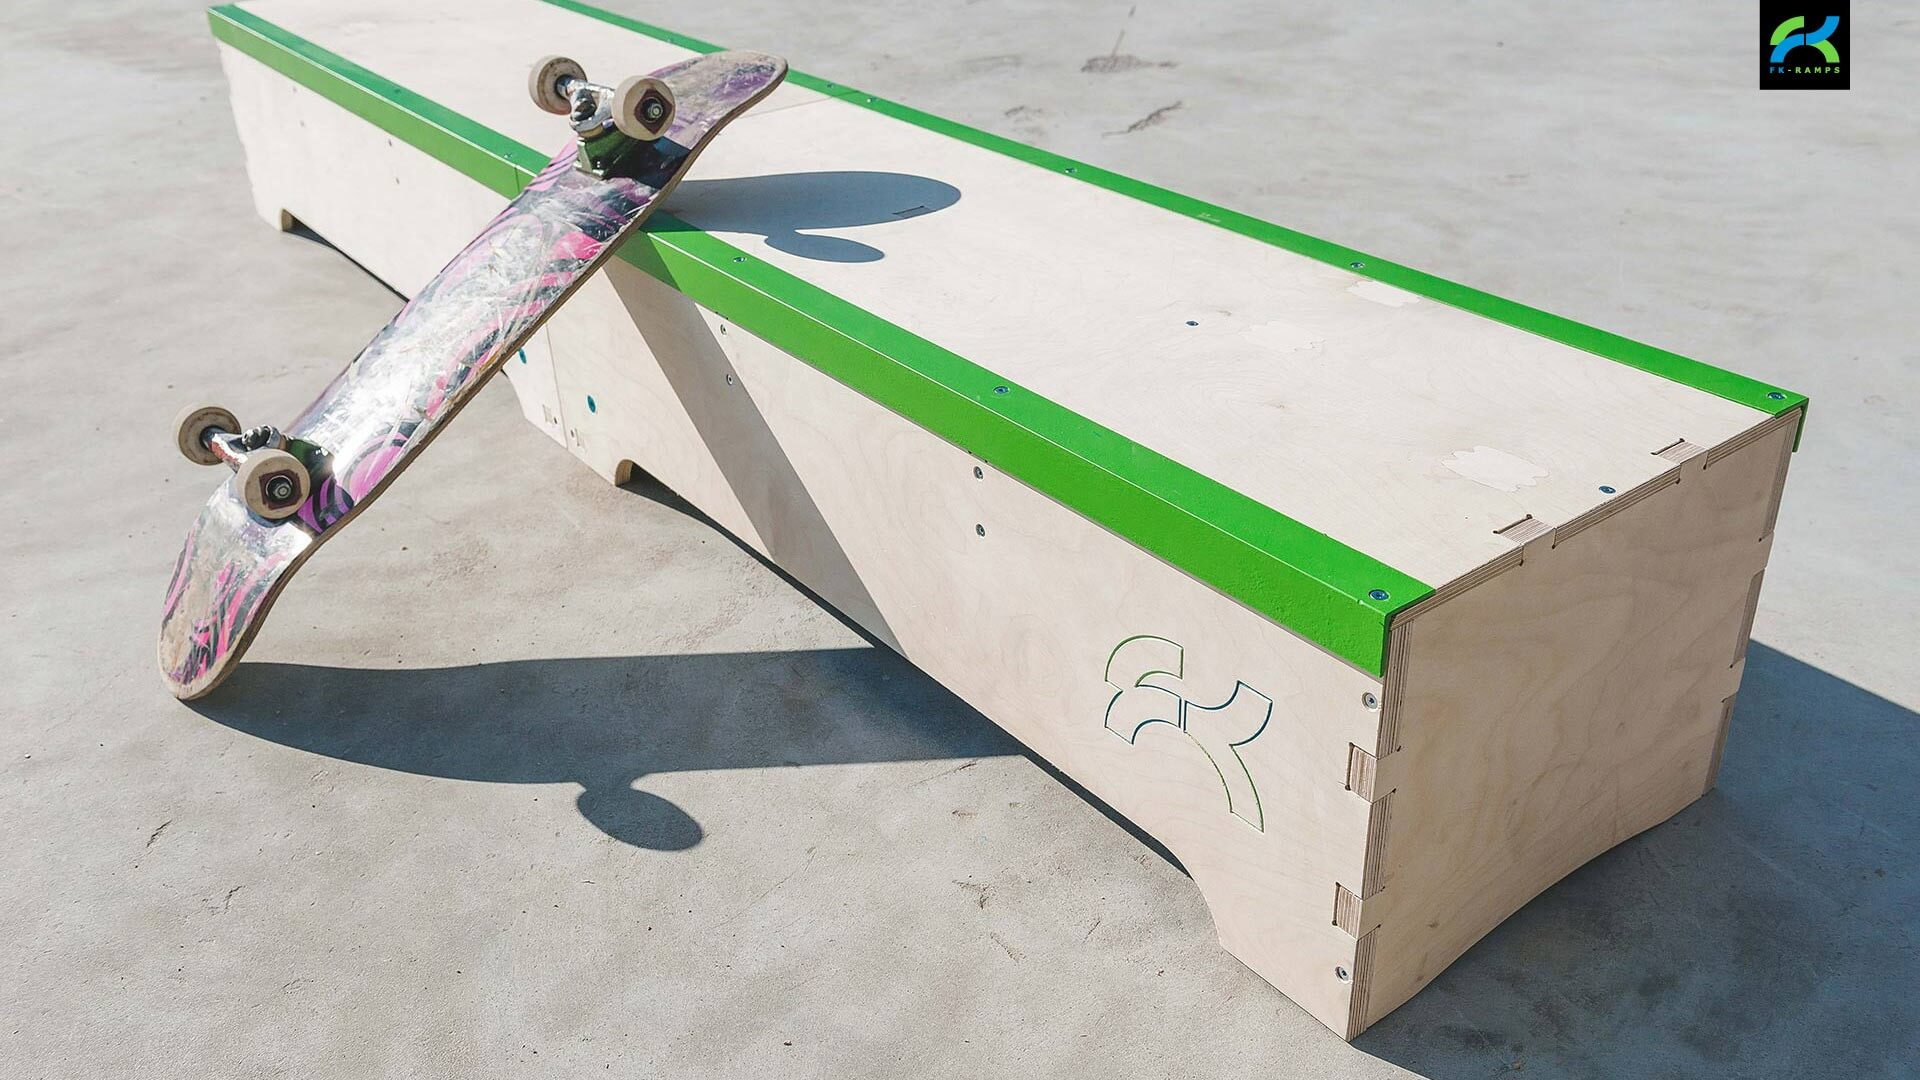 Купить набор для трюков на скейте от FK-ramps